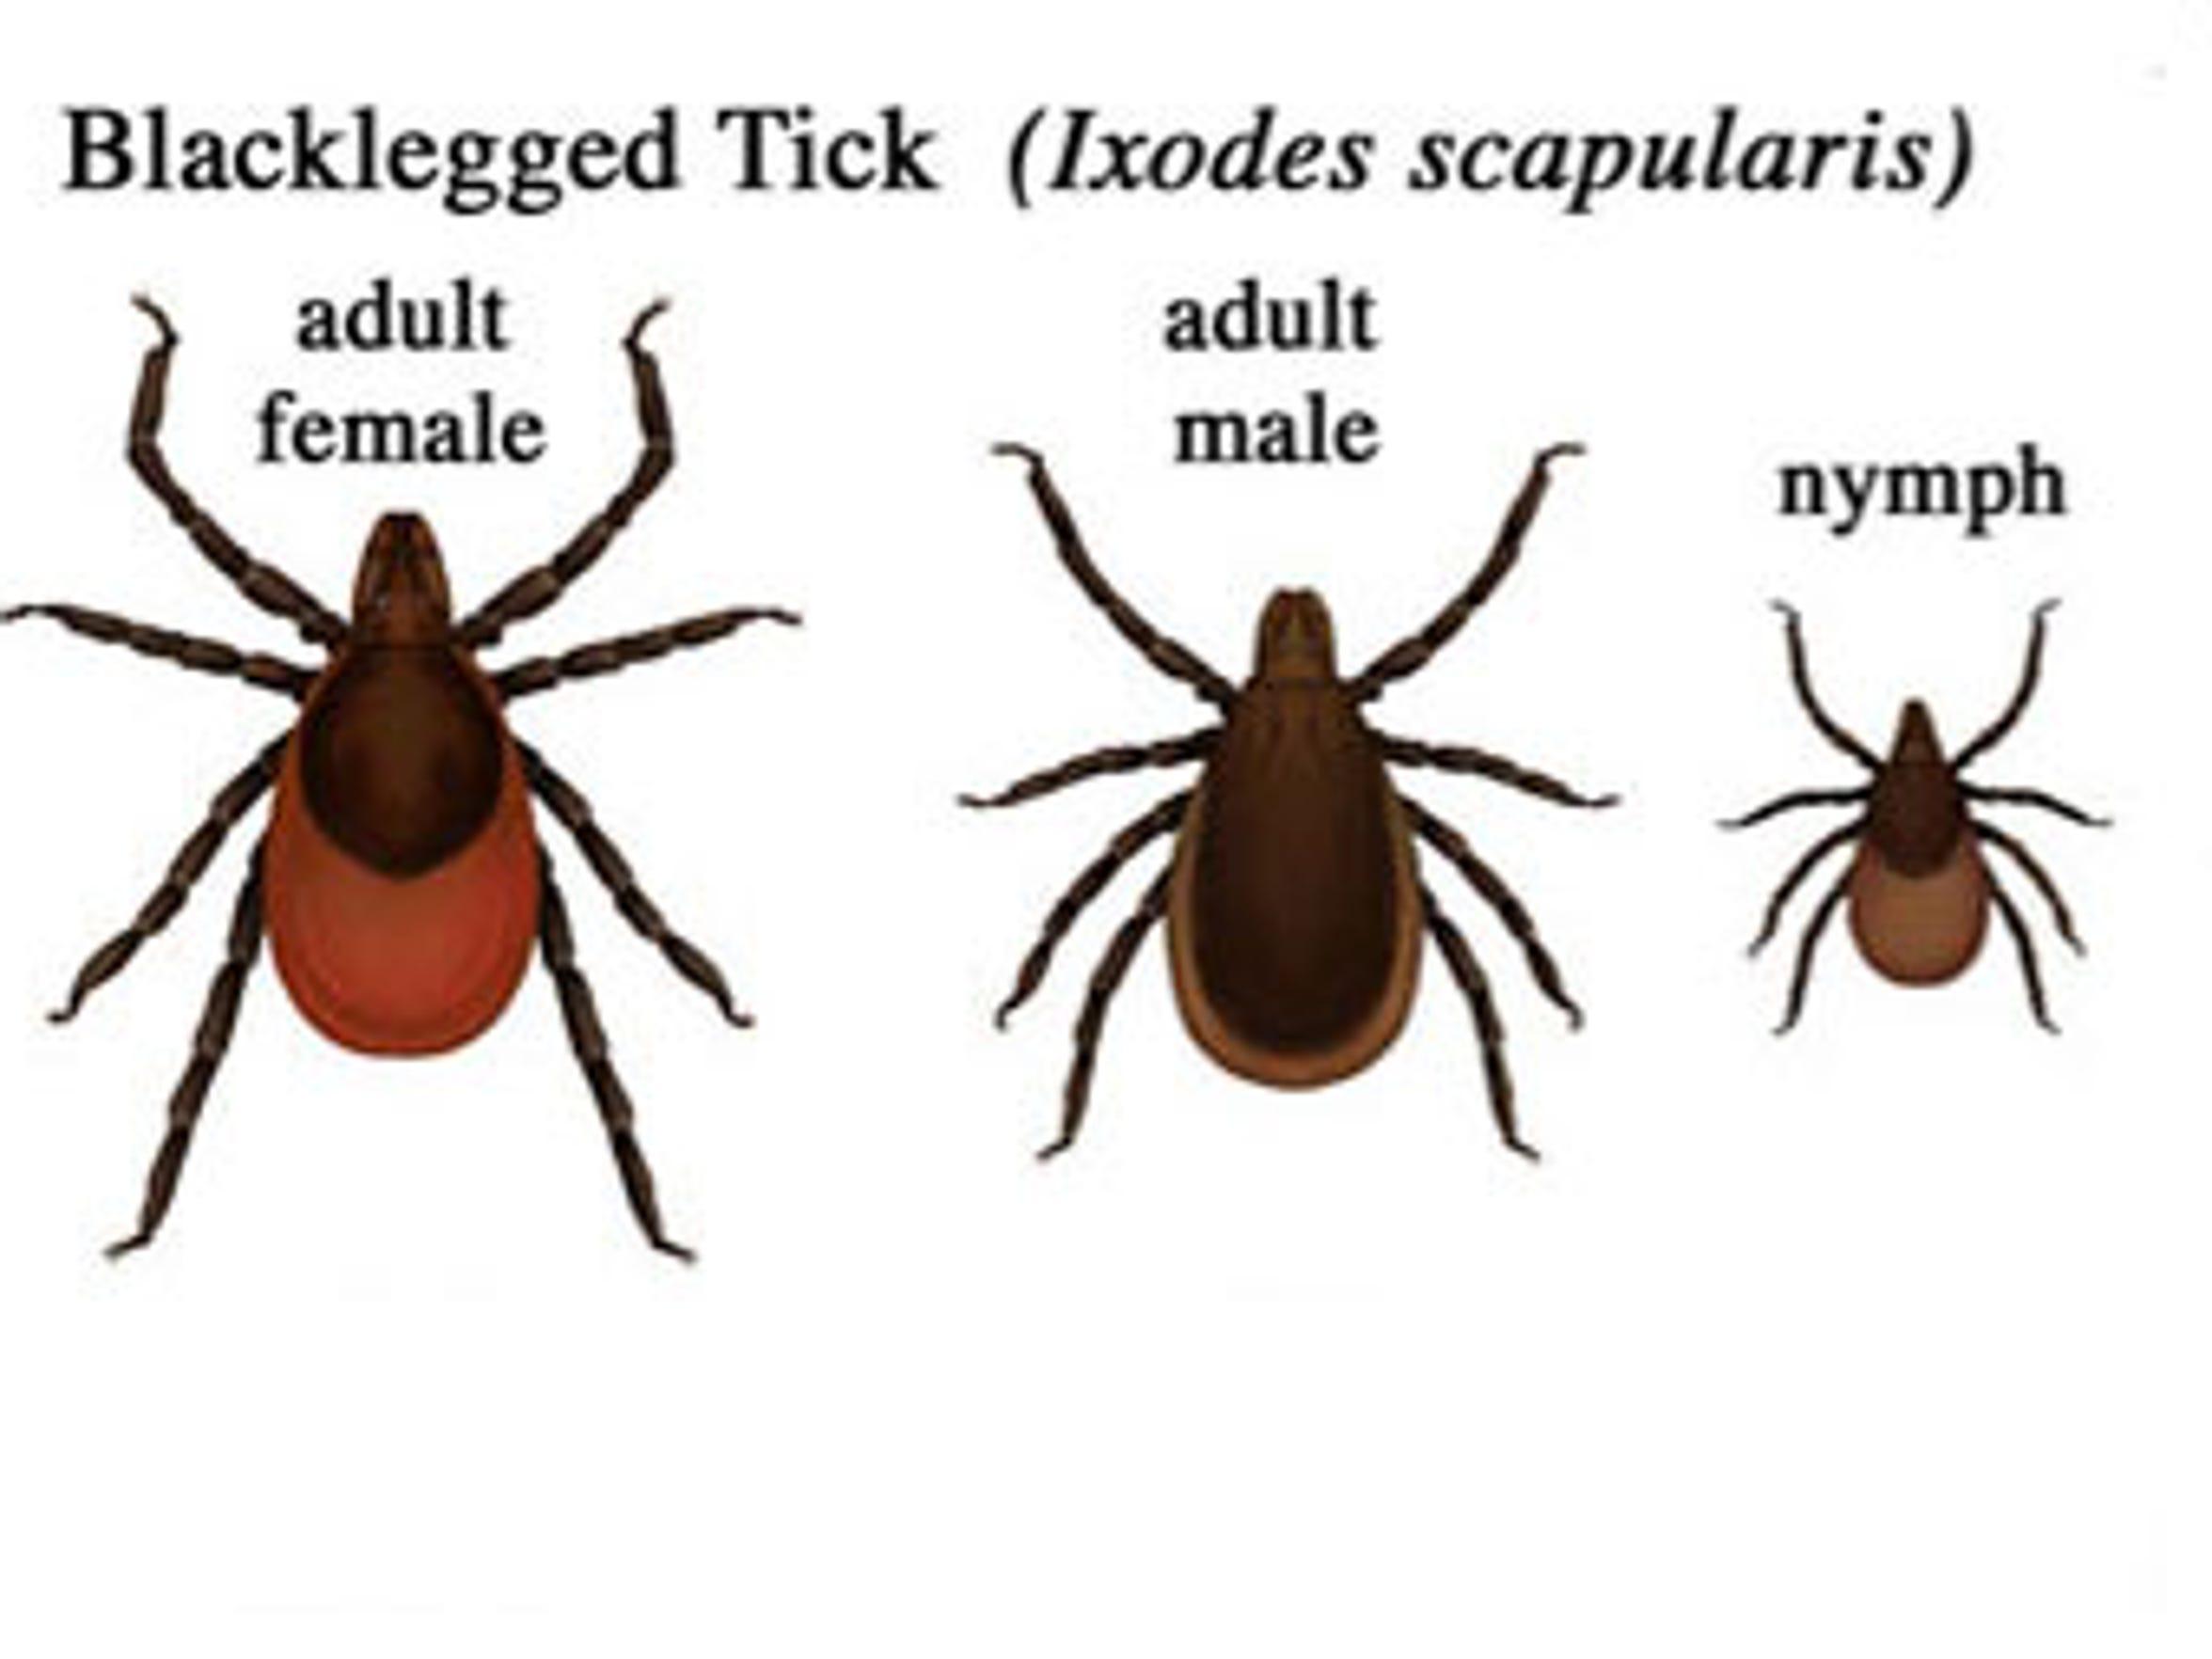 The blacklegged tick, or deer tick, spreads Lyme disease.